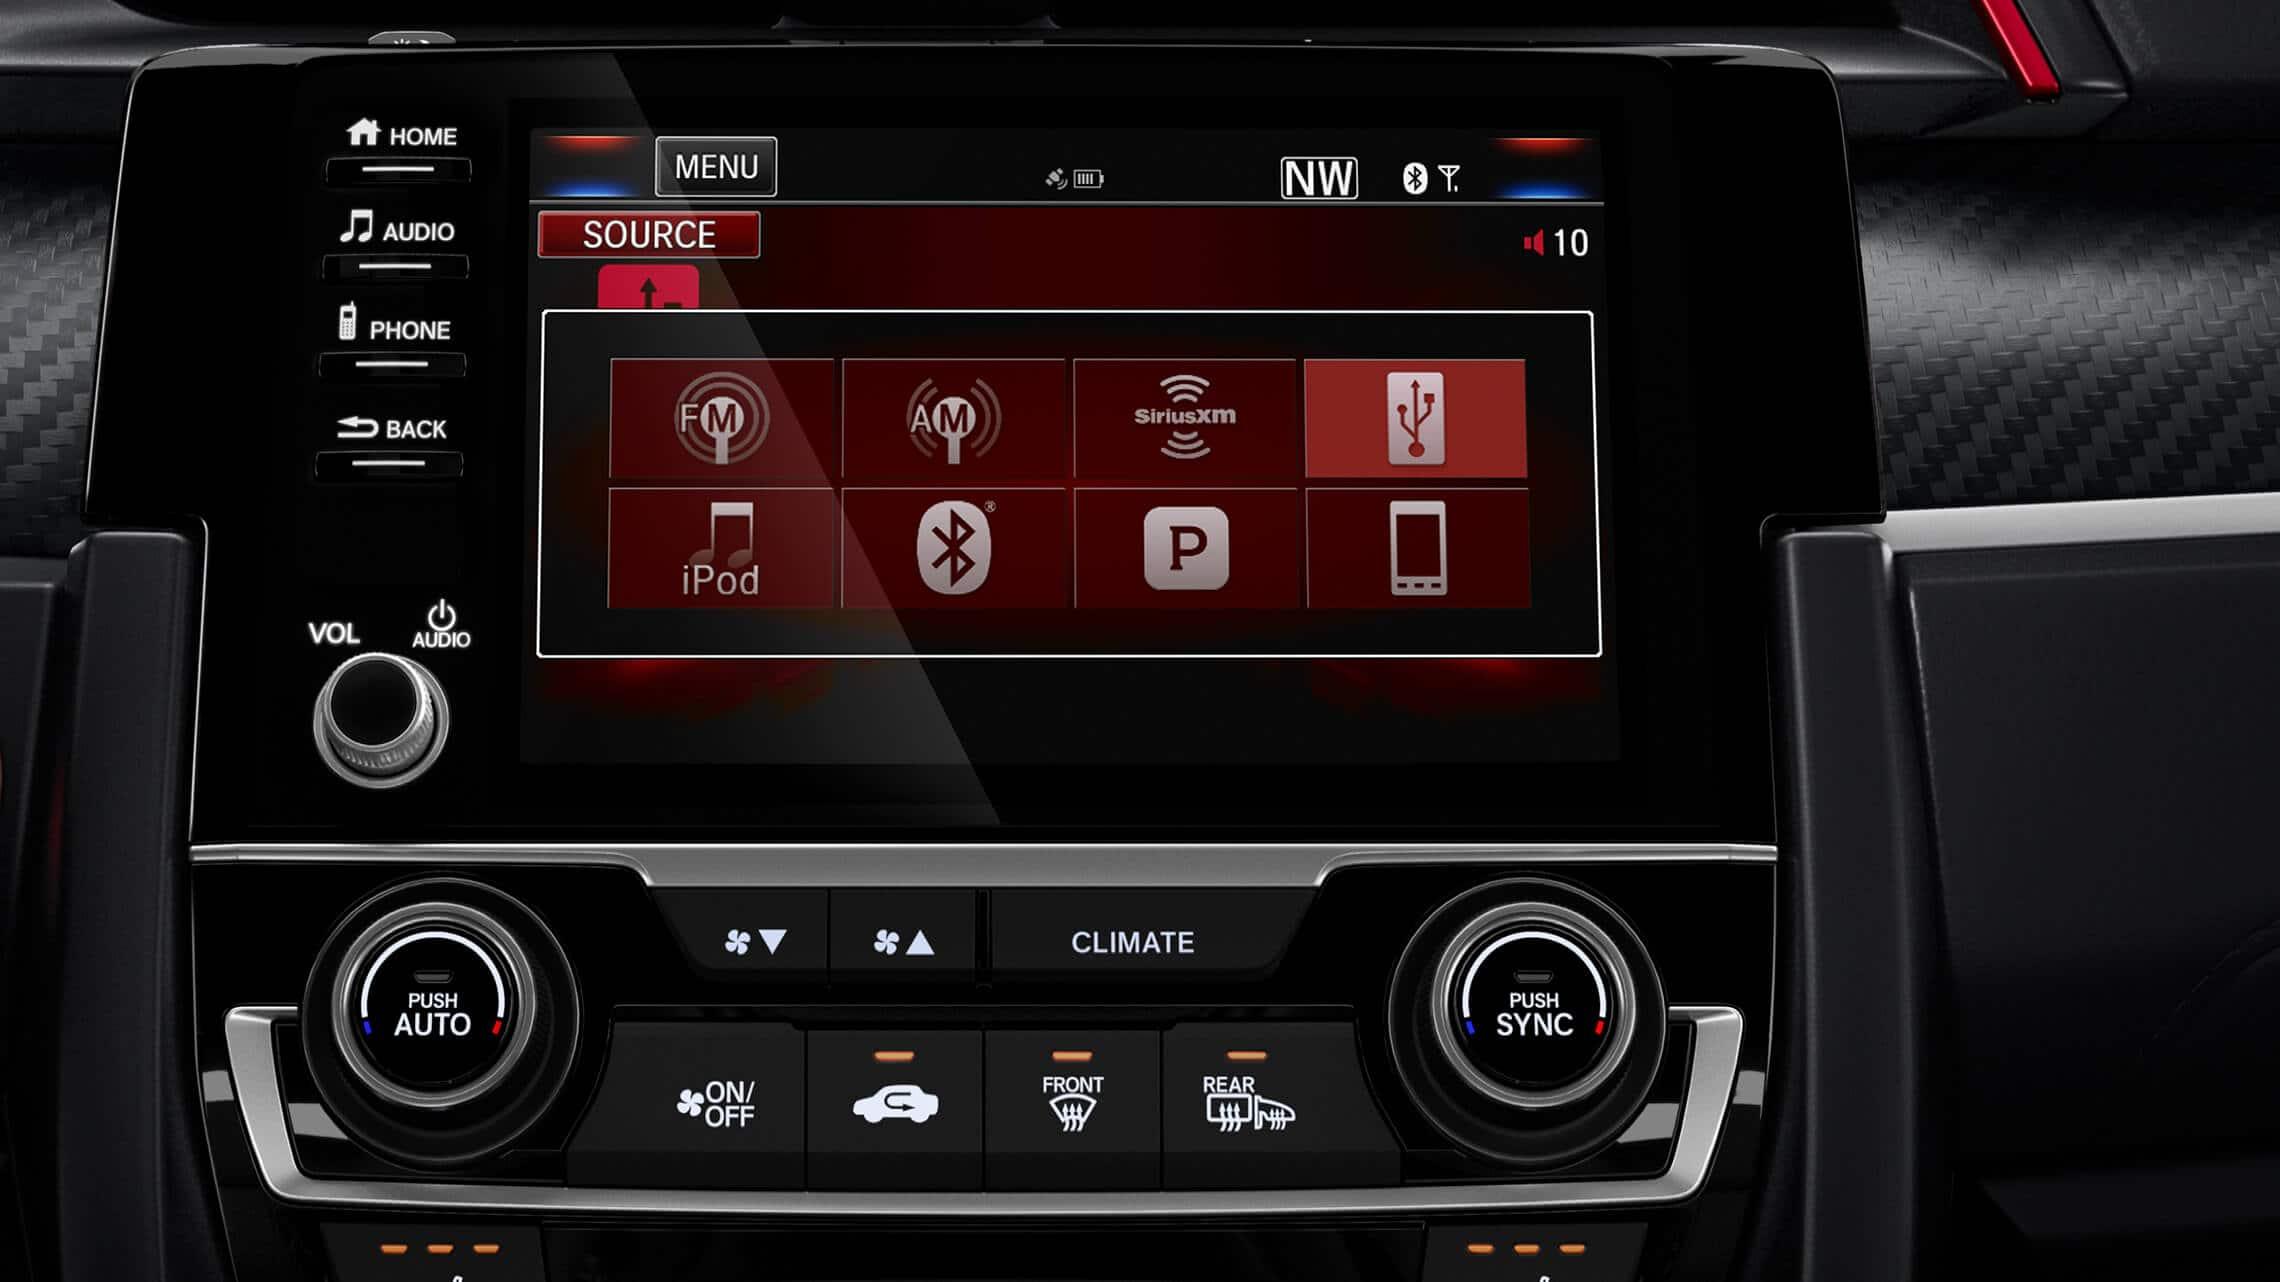 Detalle de la pantalla táctil del sistema de audio en el HondaCivicSiSedán2020.